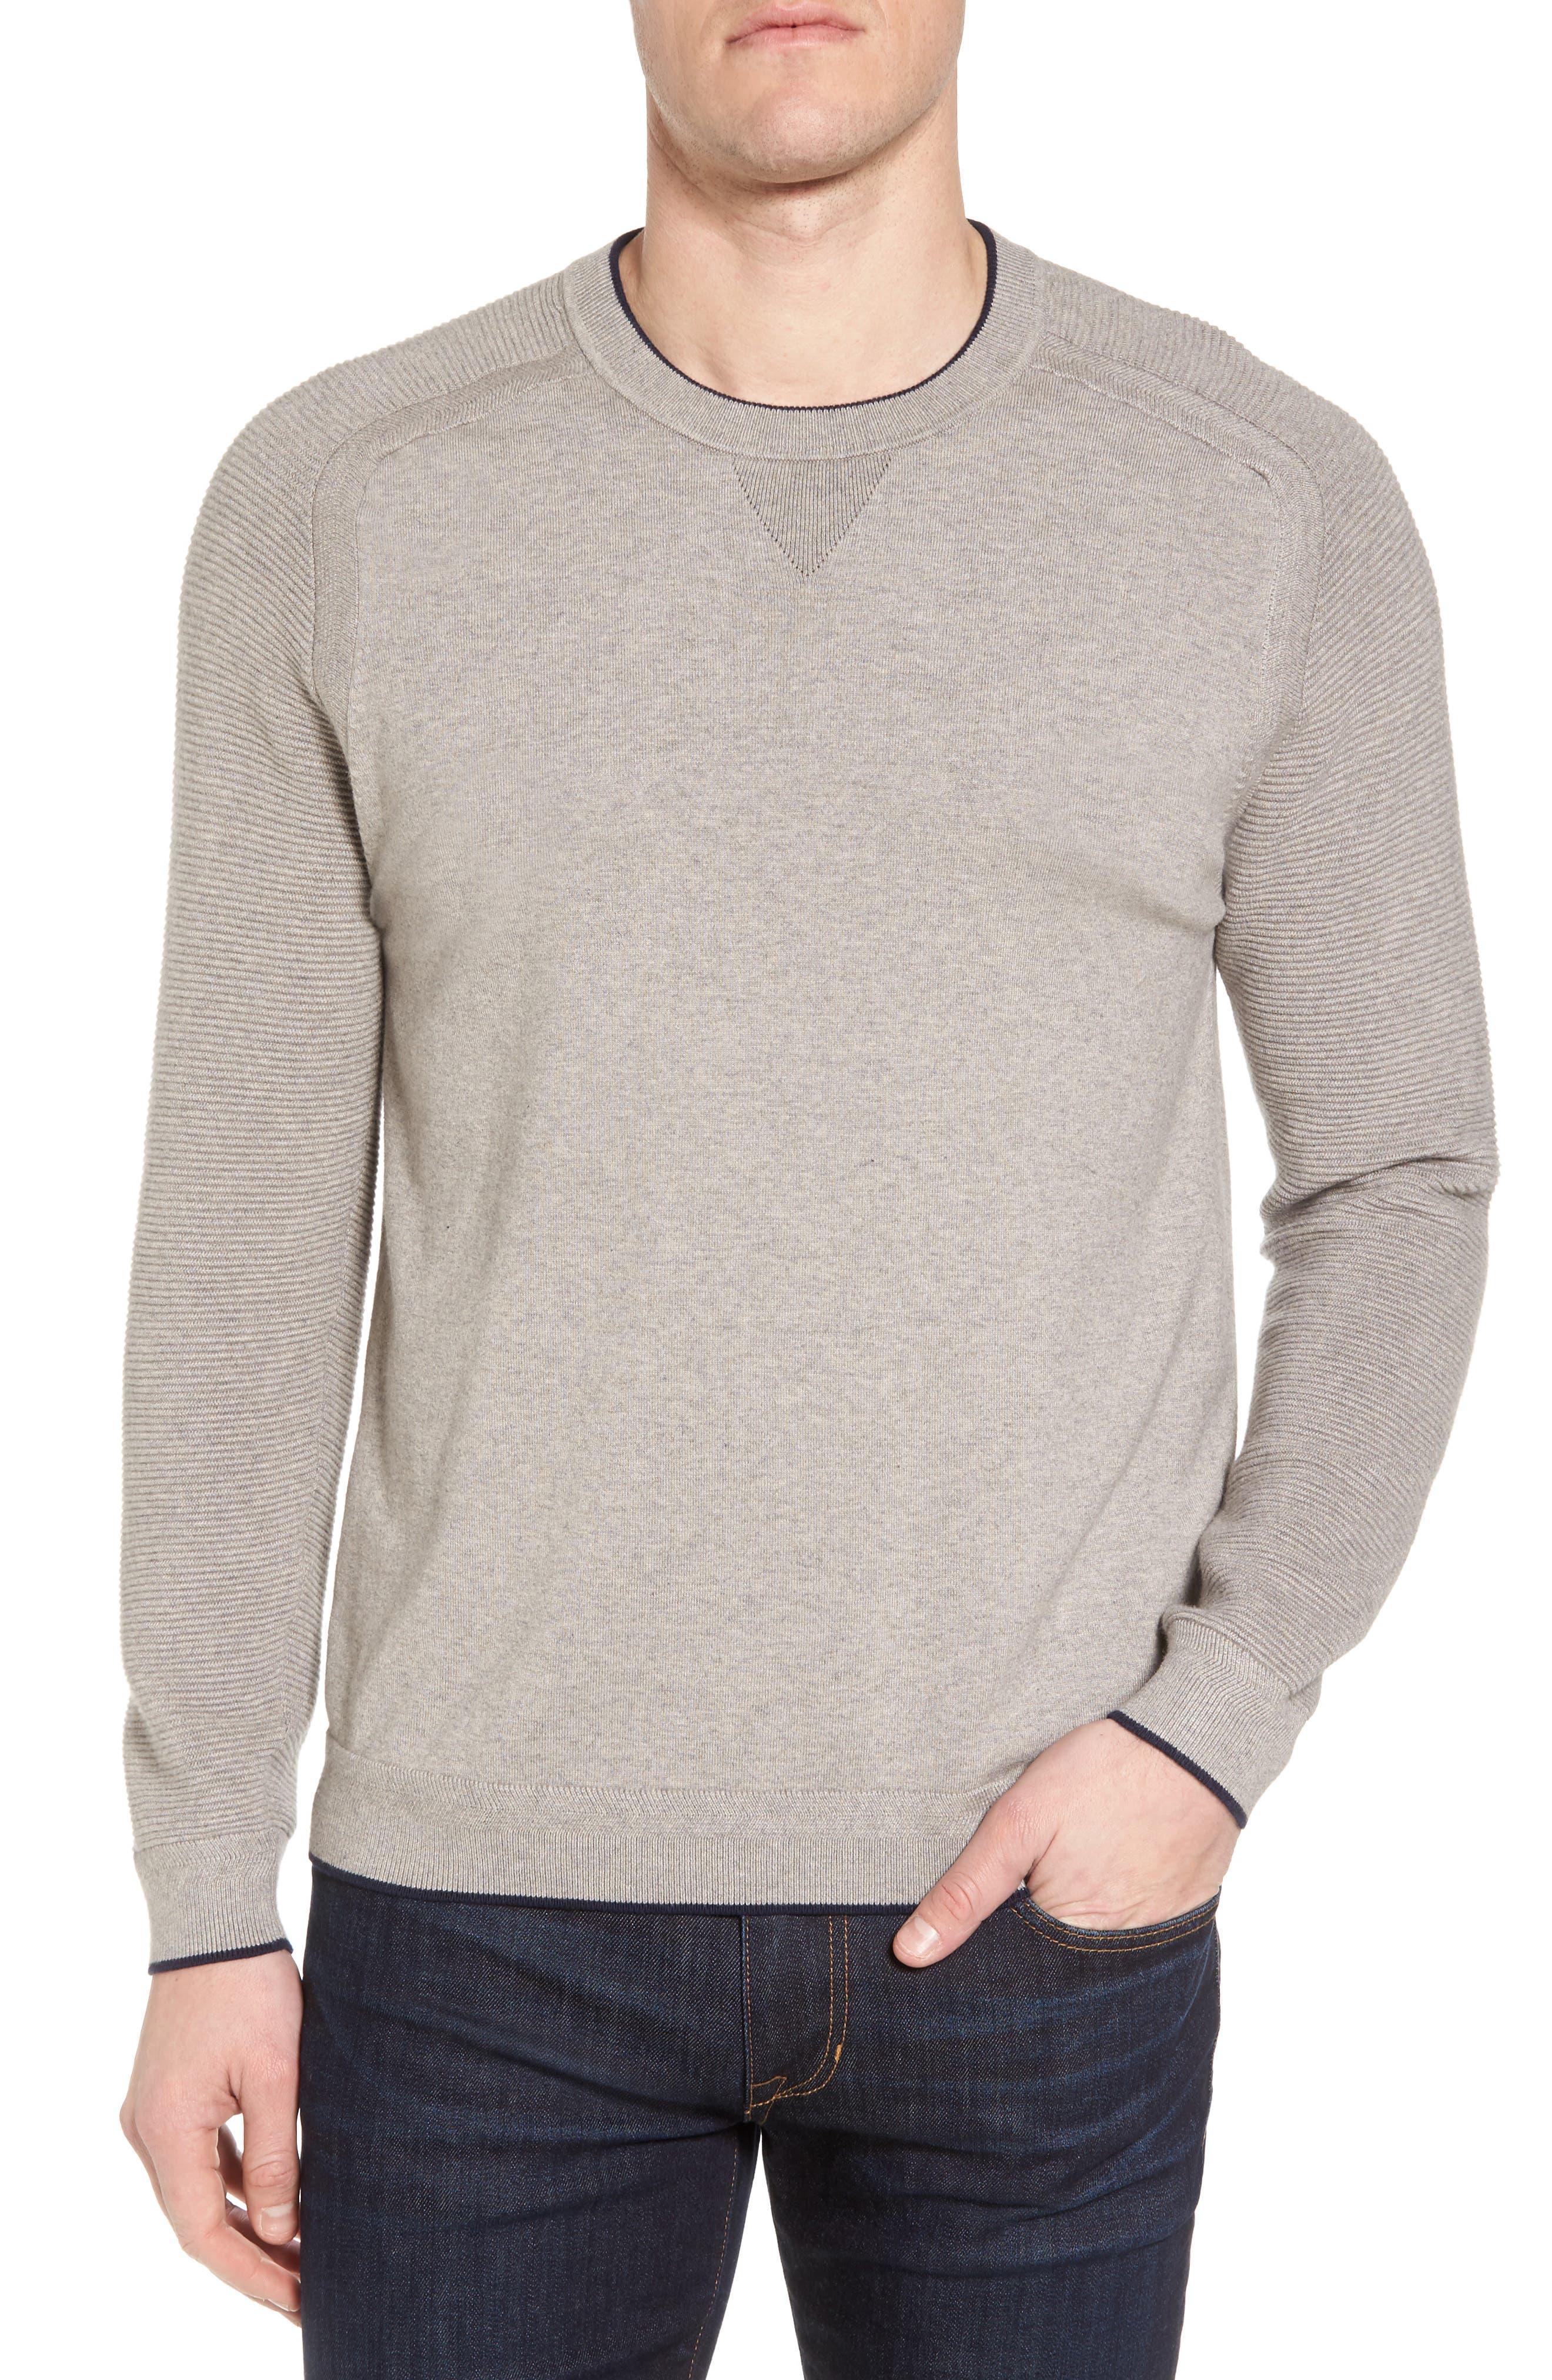 Kayfed Rib Sleeve Sweater,                             Main thumbnail 1, color,                             Grey Marl